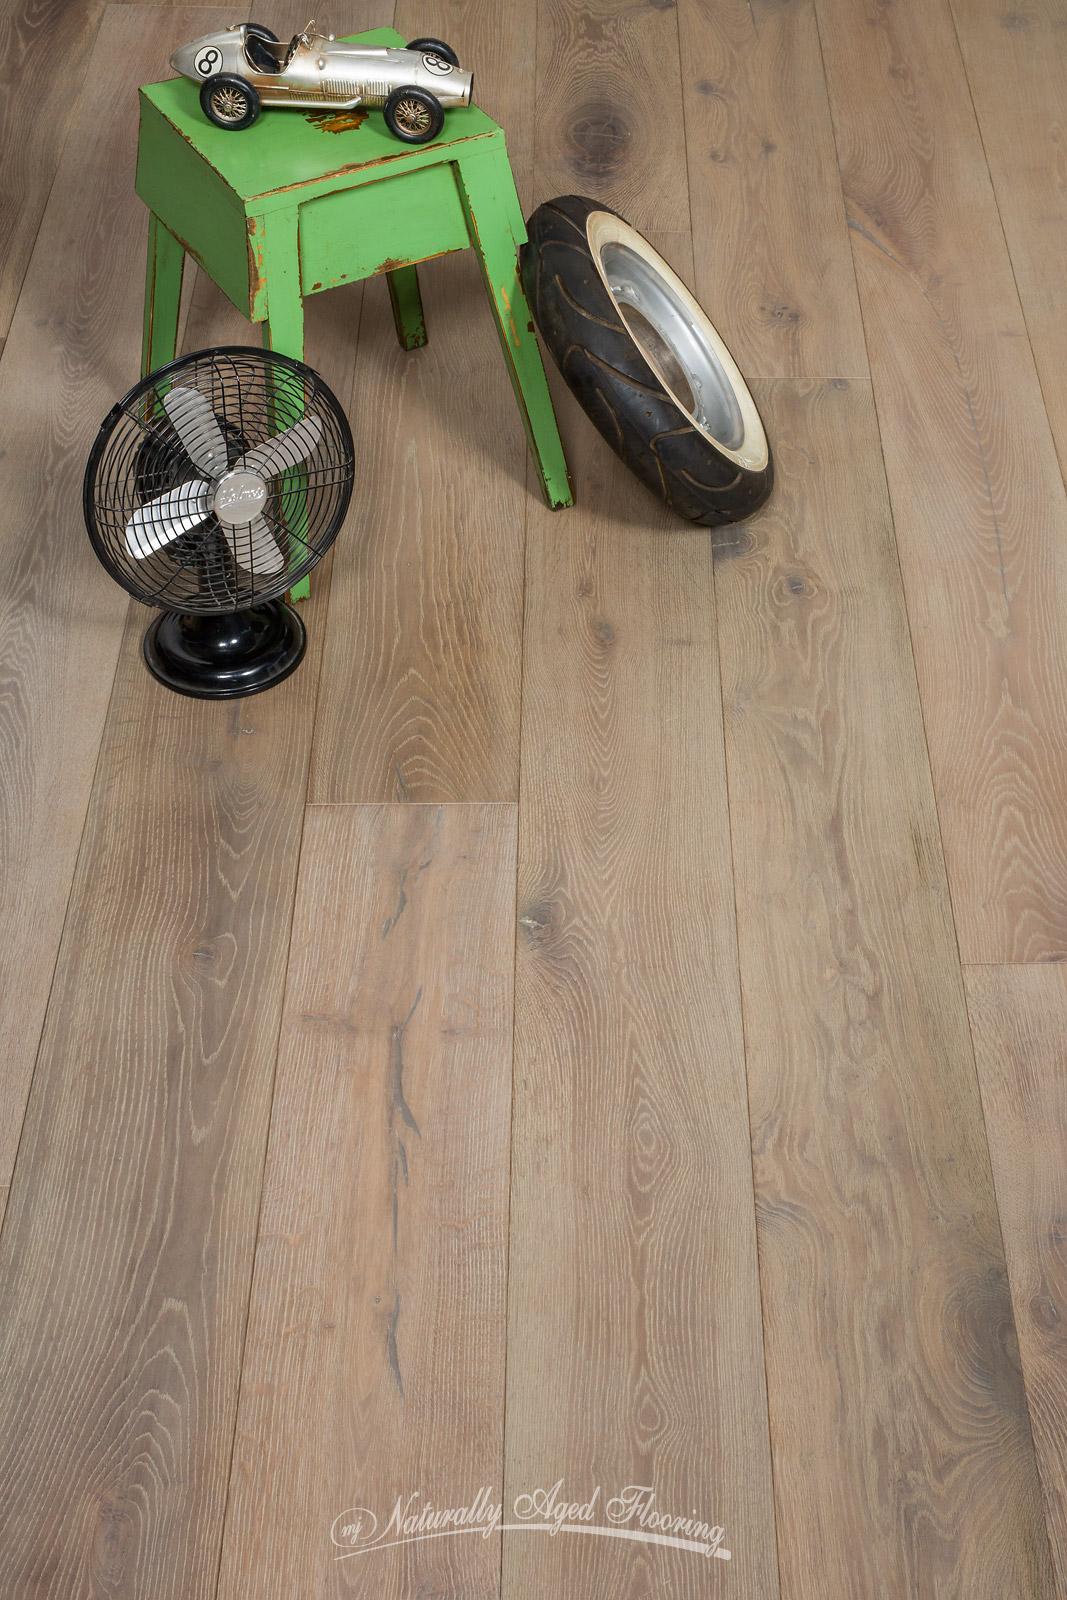 Naturally Aged Flooring Reviews Alyssamyers